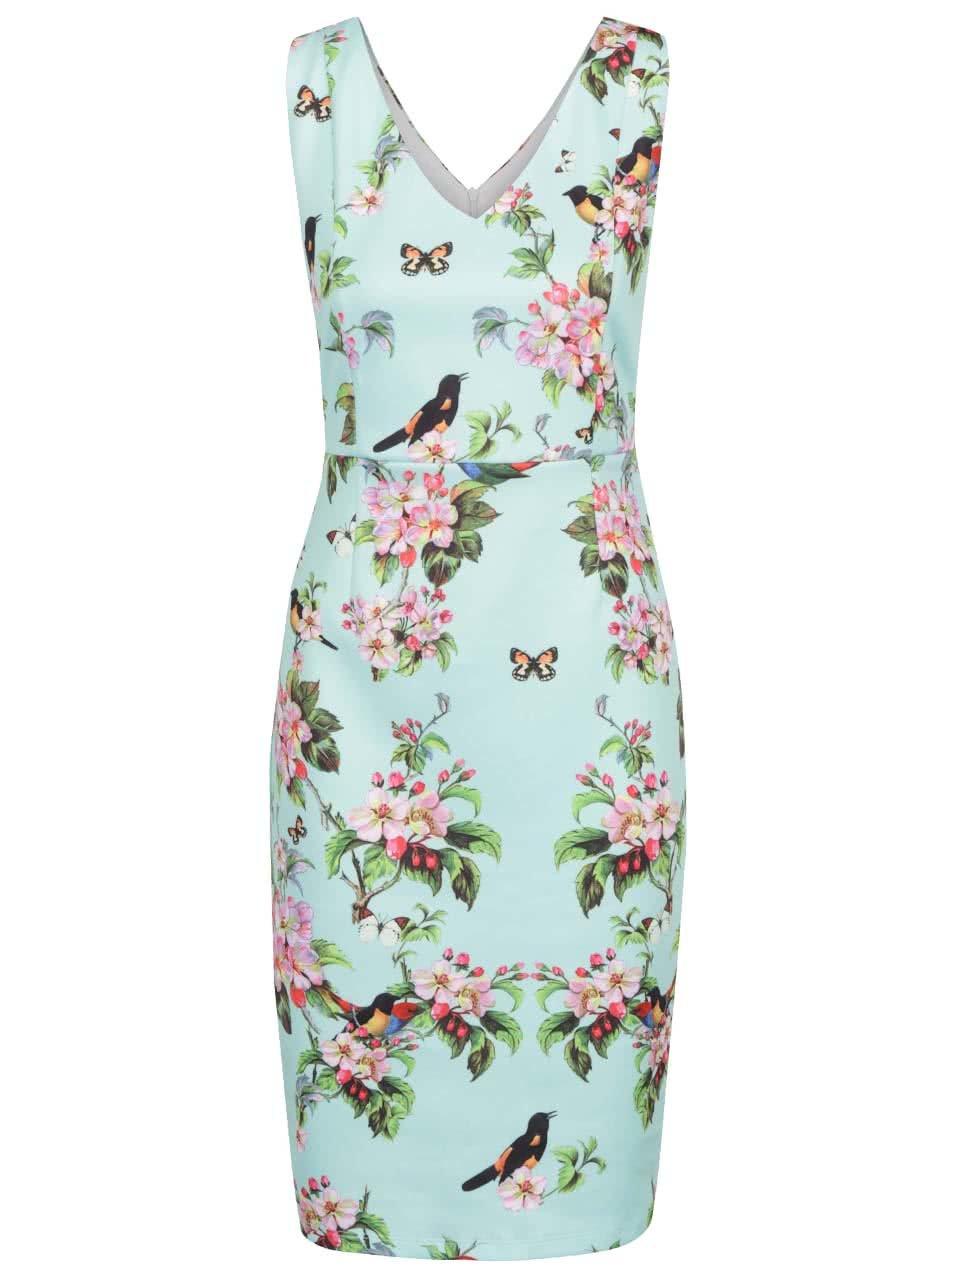 Mentolové květované šaty s potiskem ptáků Smashed Lemon